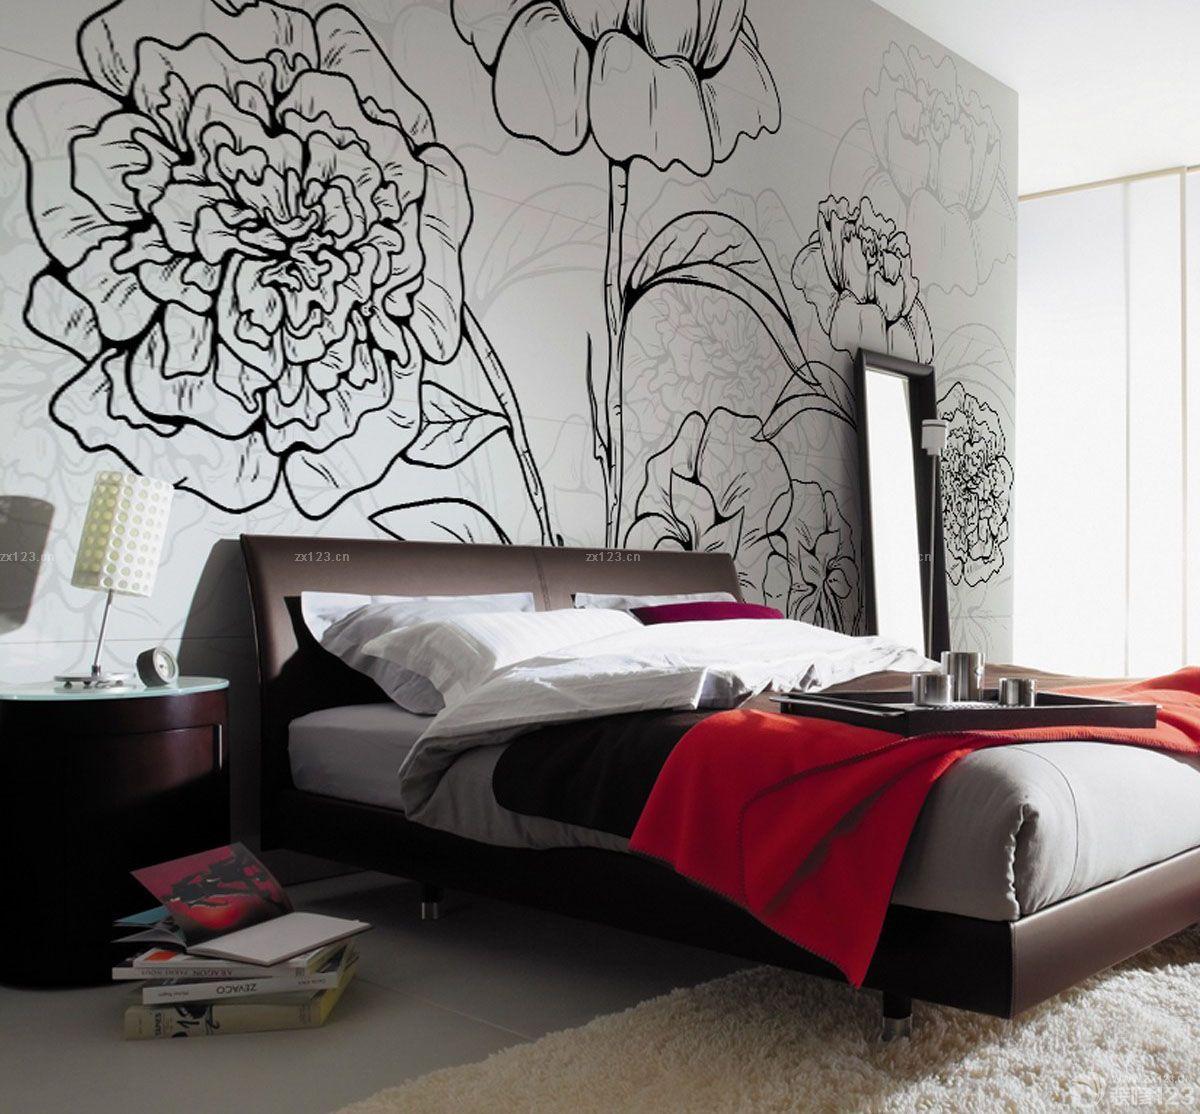 大卧室壁画图片欣赏